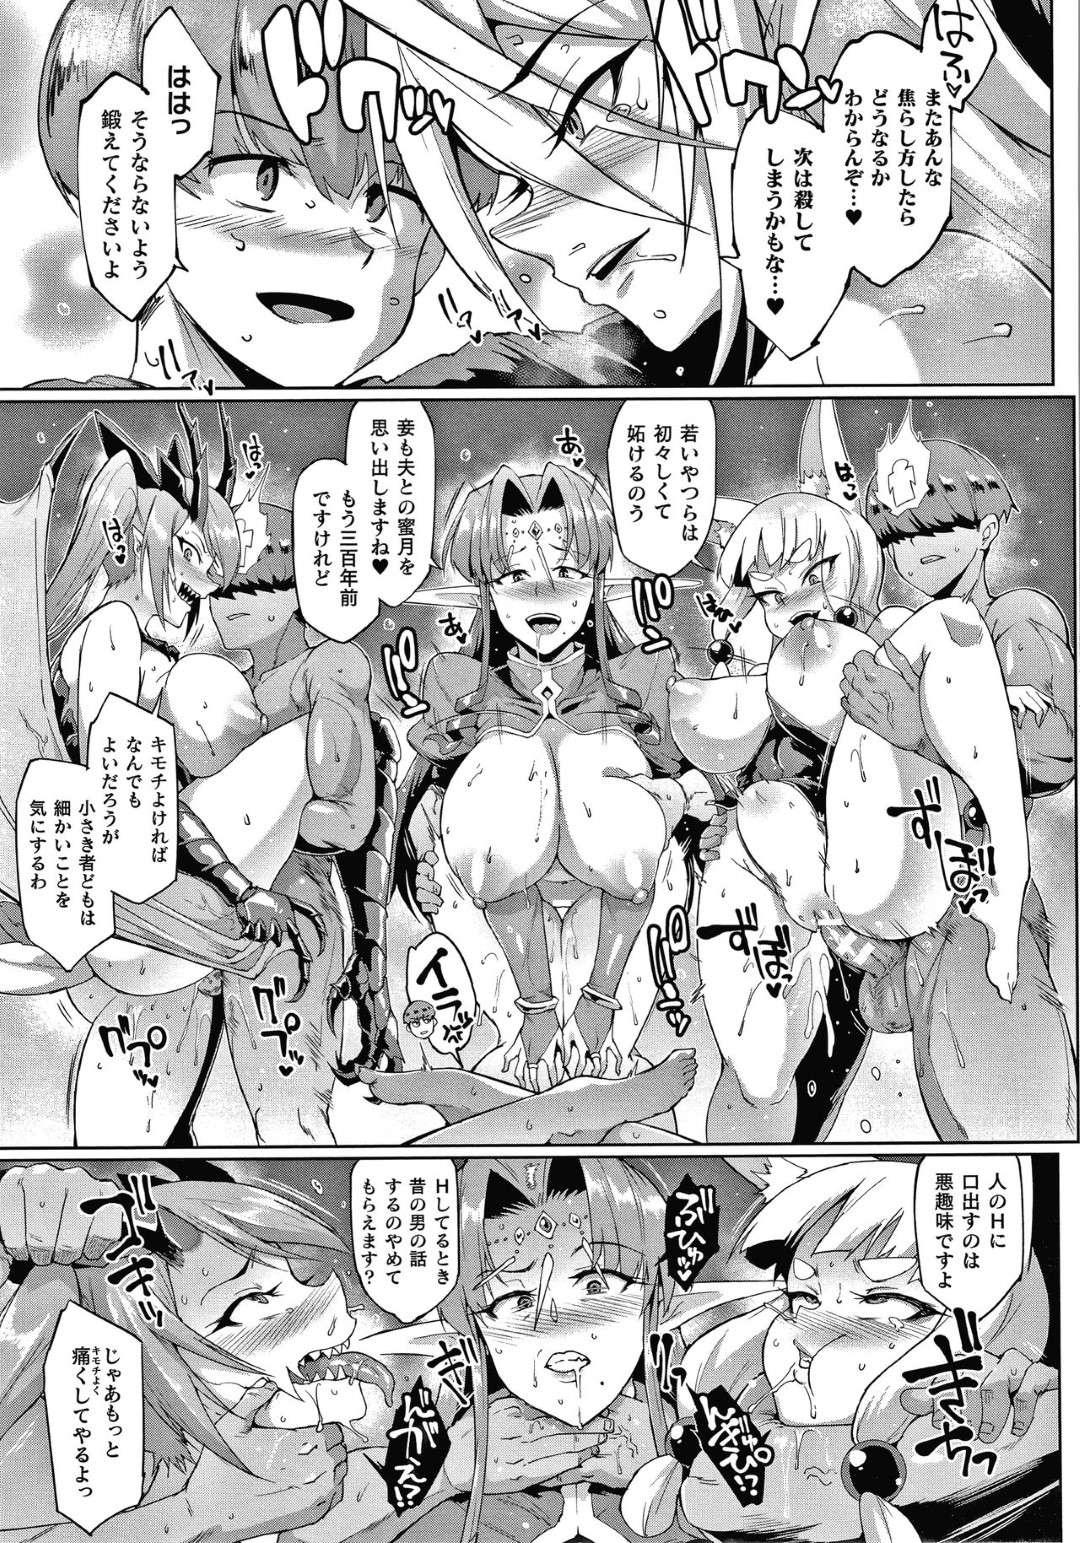 【エロ漫画】ショタ騎士の命令で1日バイブを挿入したまま過ごしてご褒美を楽しみにしている巨乳エルフ騎士…しかしショタ騎士は複数の女性とセックス中でヤキモチを焼いてしまい手合わせ訓練で厳しくなってしまう!【煌野一人:マィ・レディーズ、マイ・マスター】